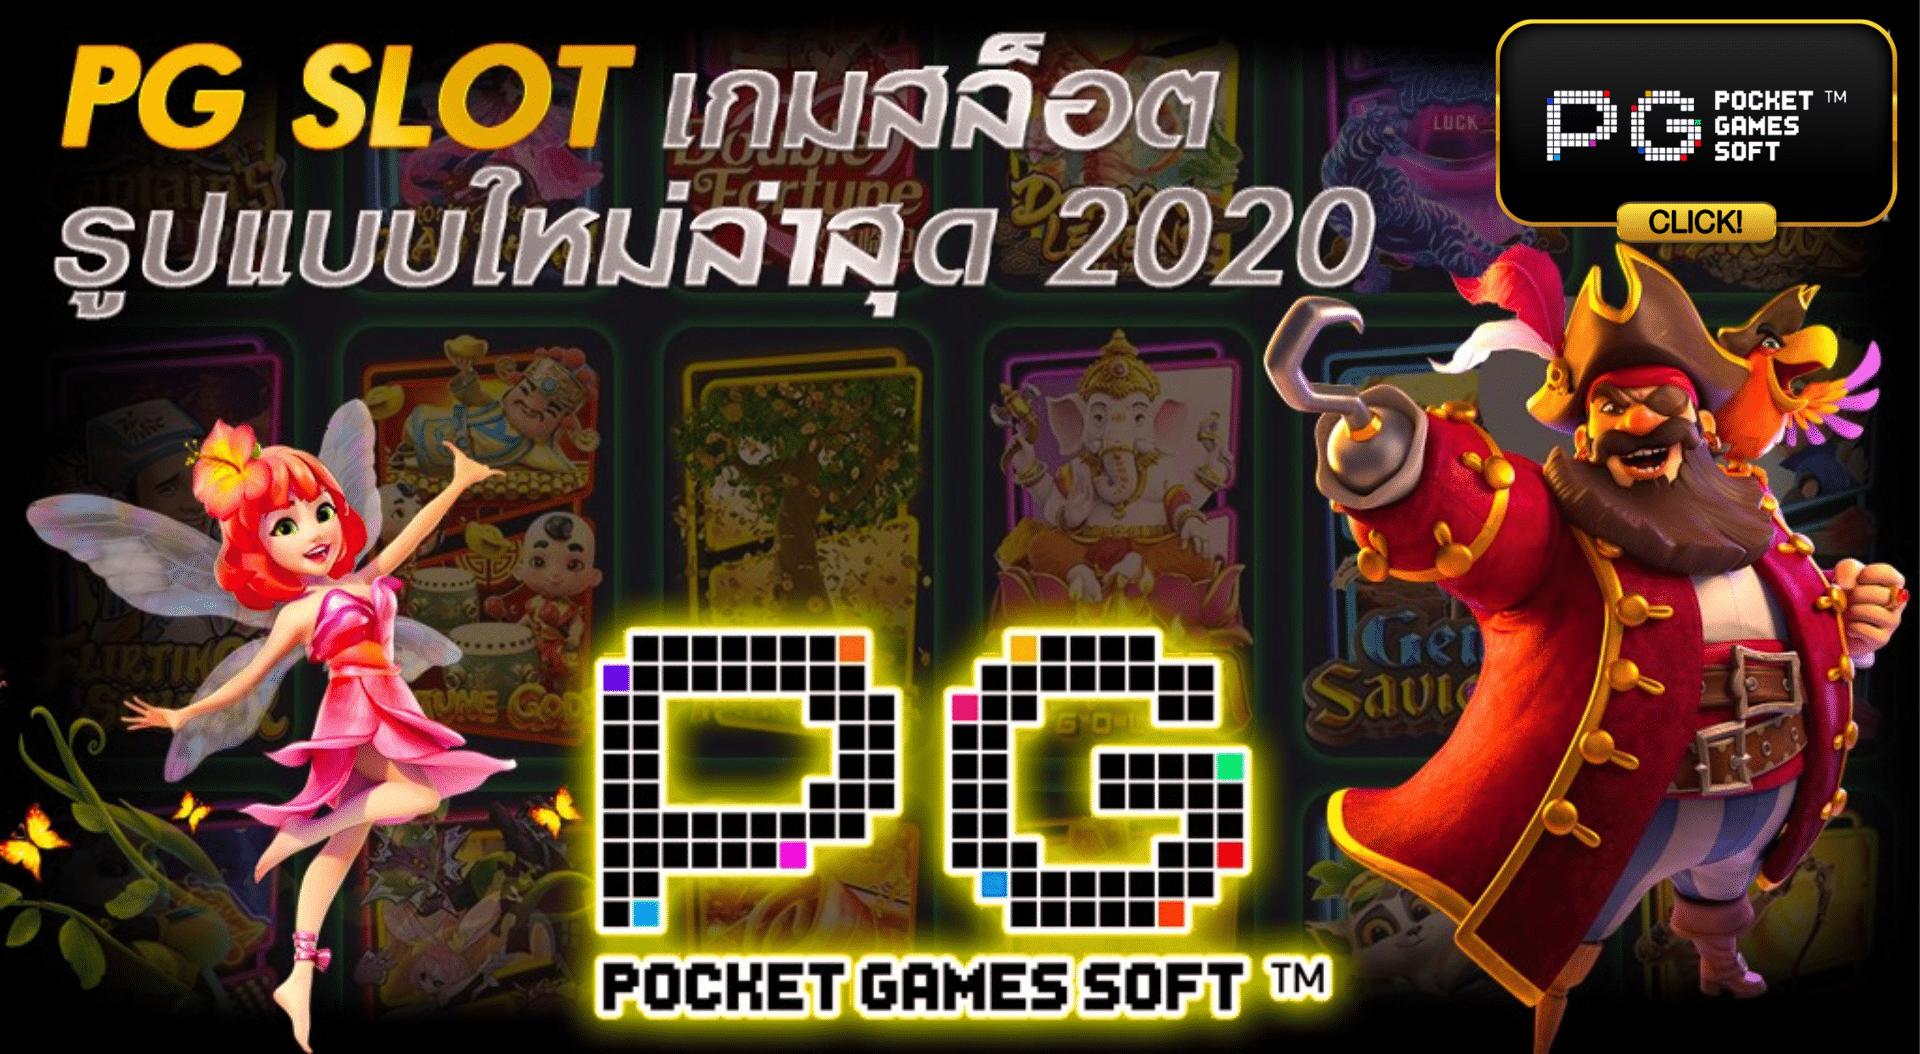 PG SLOT เกมไหนแตกดี อัพเดตใหม่ล่าสุด 2020 ทันสมัยที่สุด